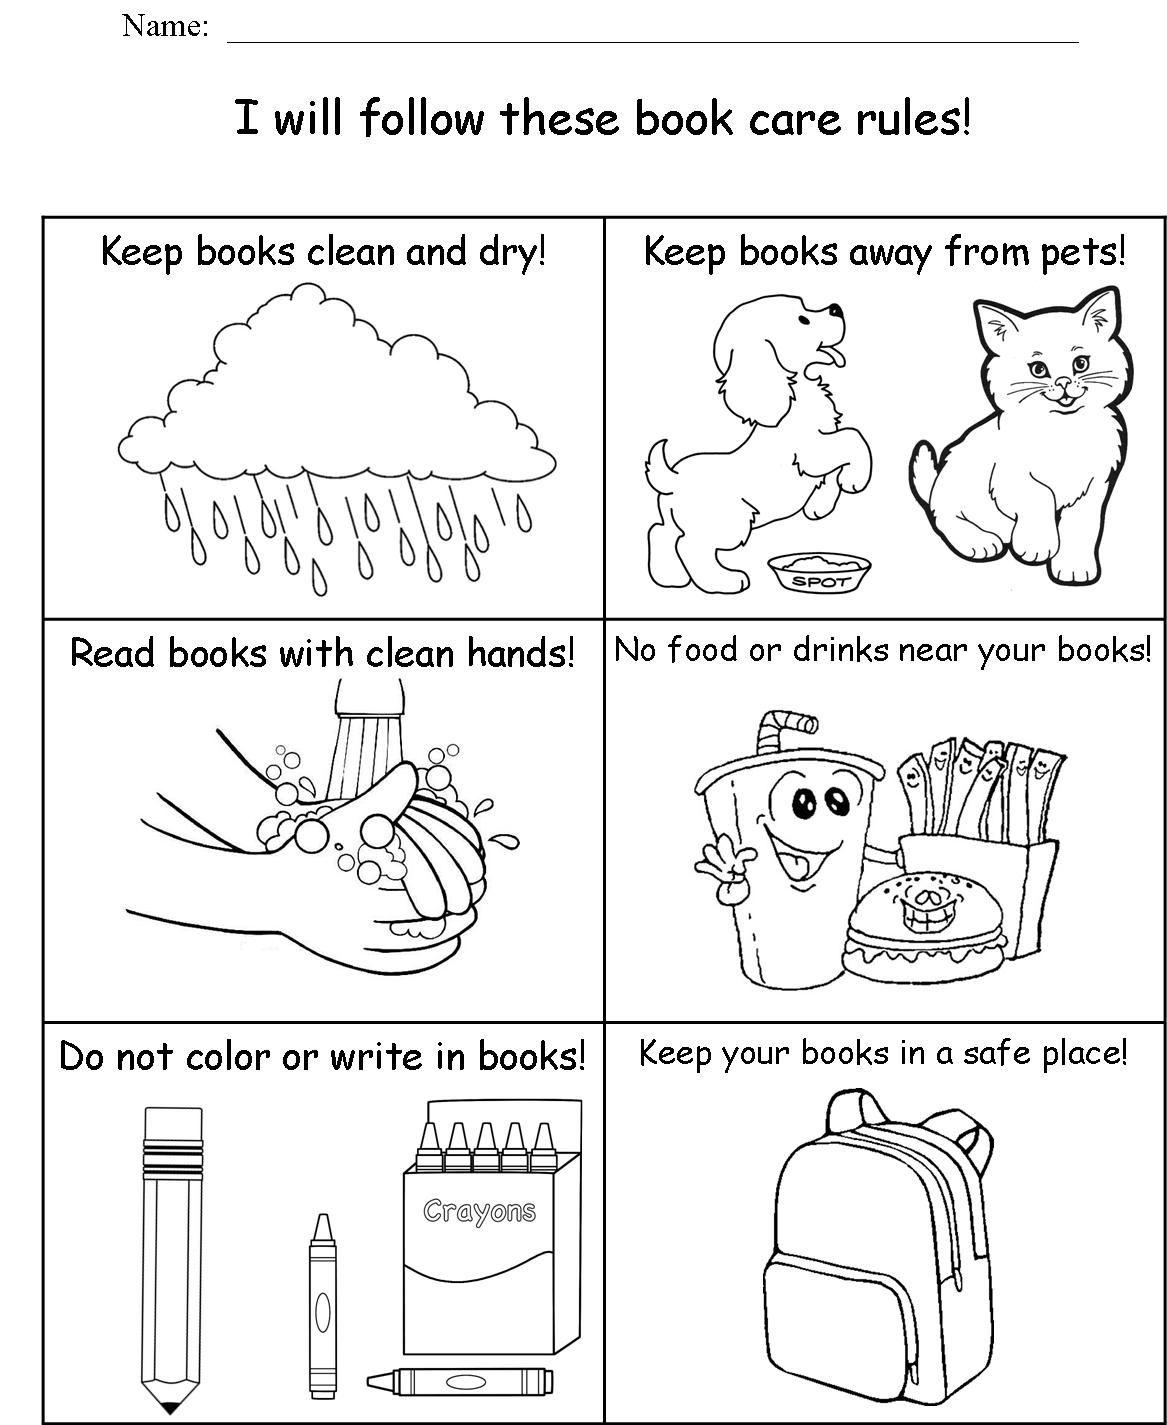 Rilink Schools Edgewood Highland School Library Kindergarten Book Care School Worksheets Kindergarten Worksheets Printable [ 1425 x 1167 Pixel ]